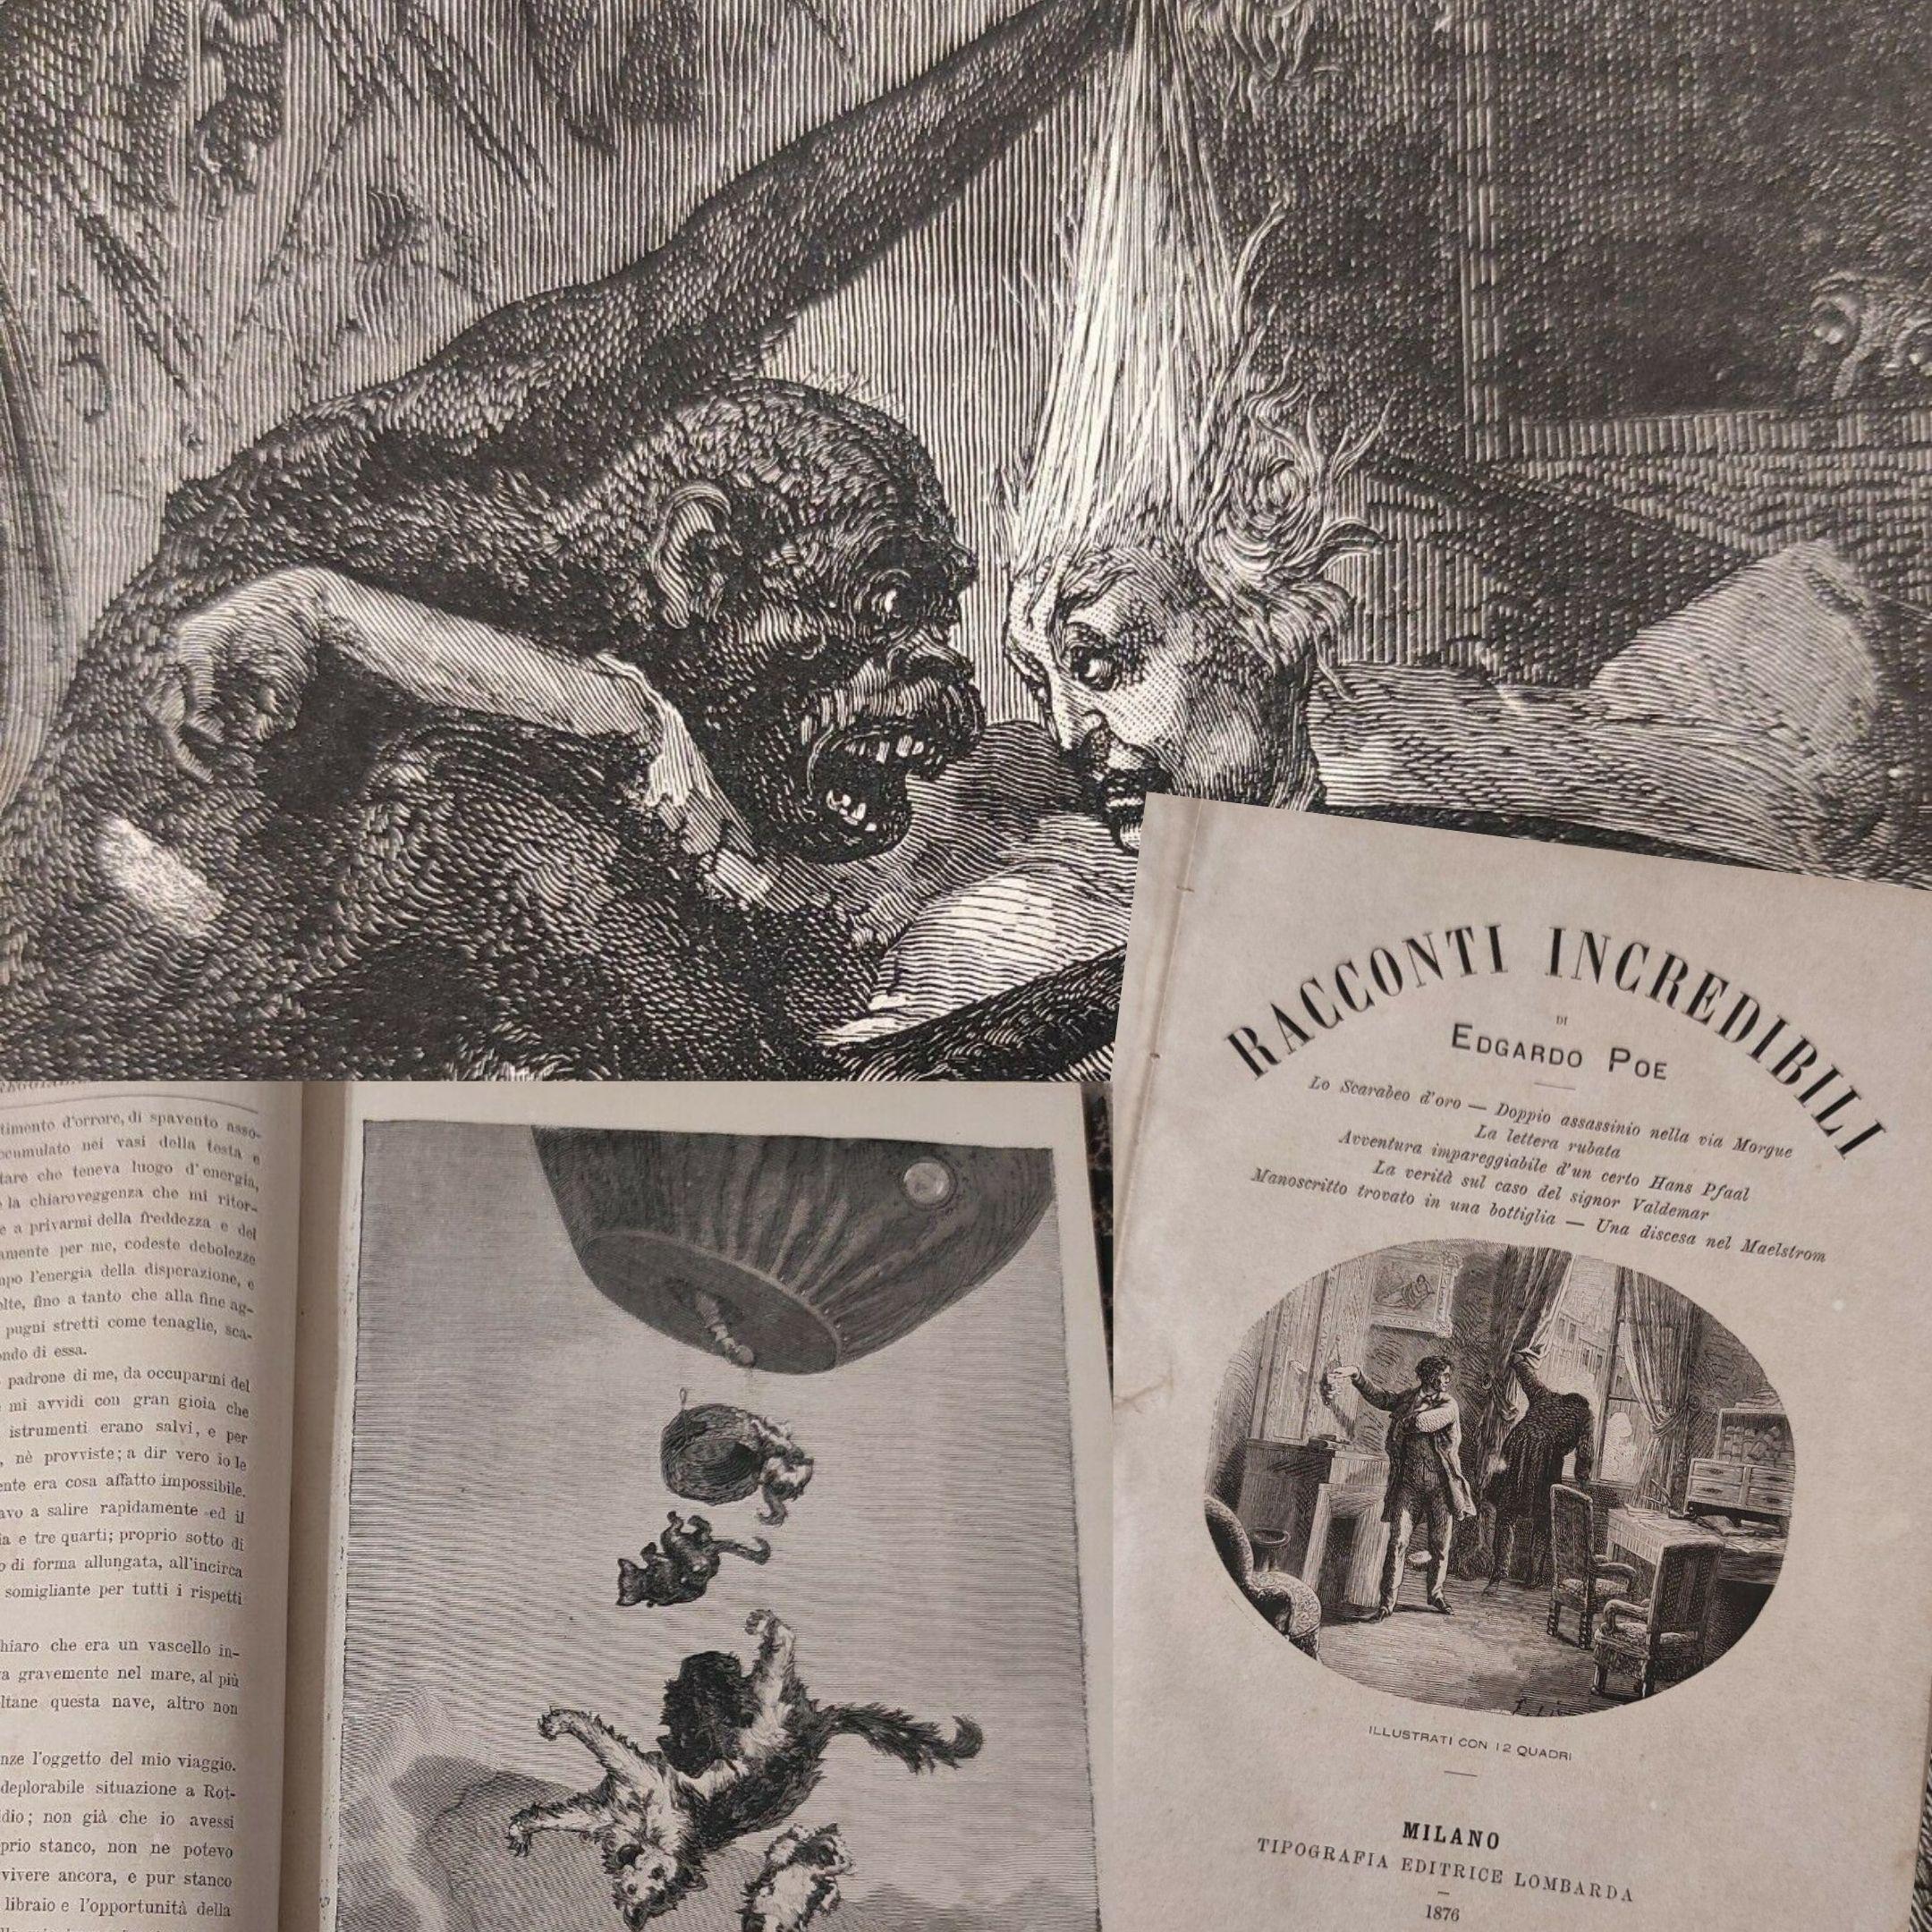 """La prima edizione italiana illustrata dei """"Racconti incredibili"""" di Edgardo Poe (1876)"""